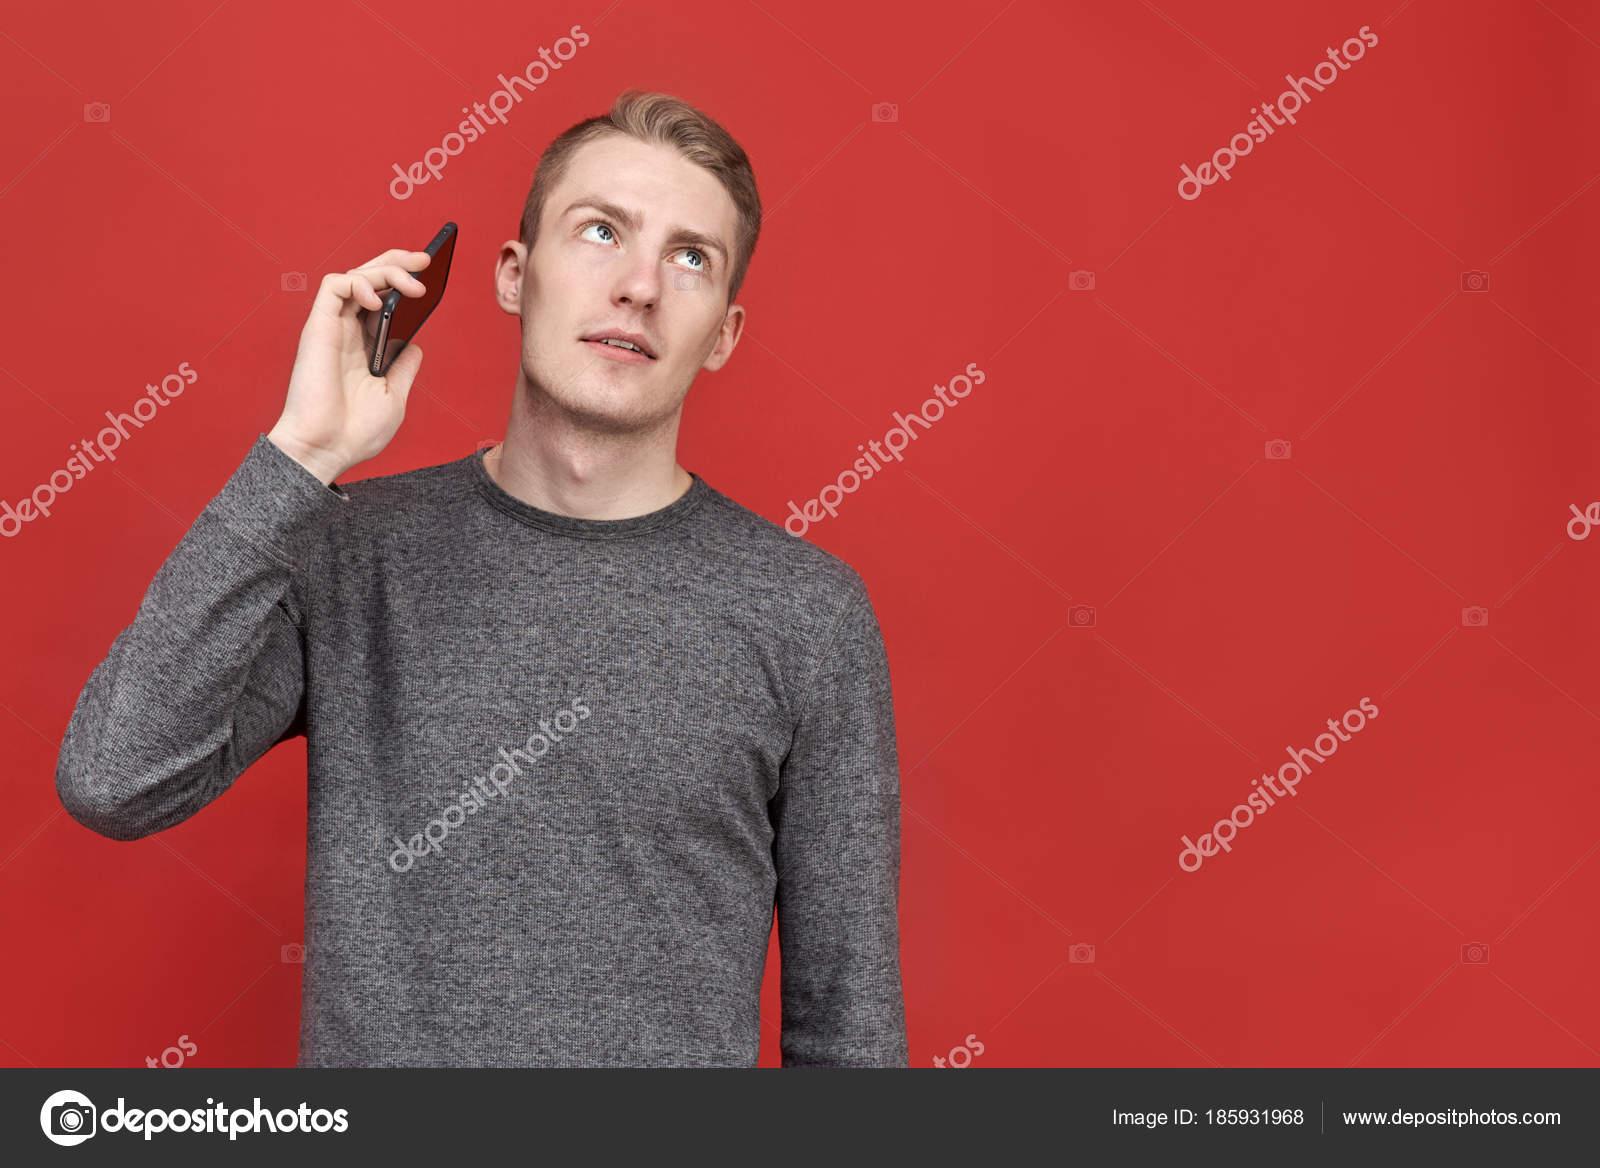 chlap přítel chce připojitfemsteph and goldglove dating